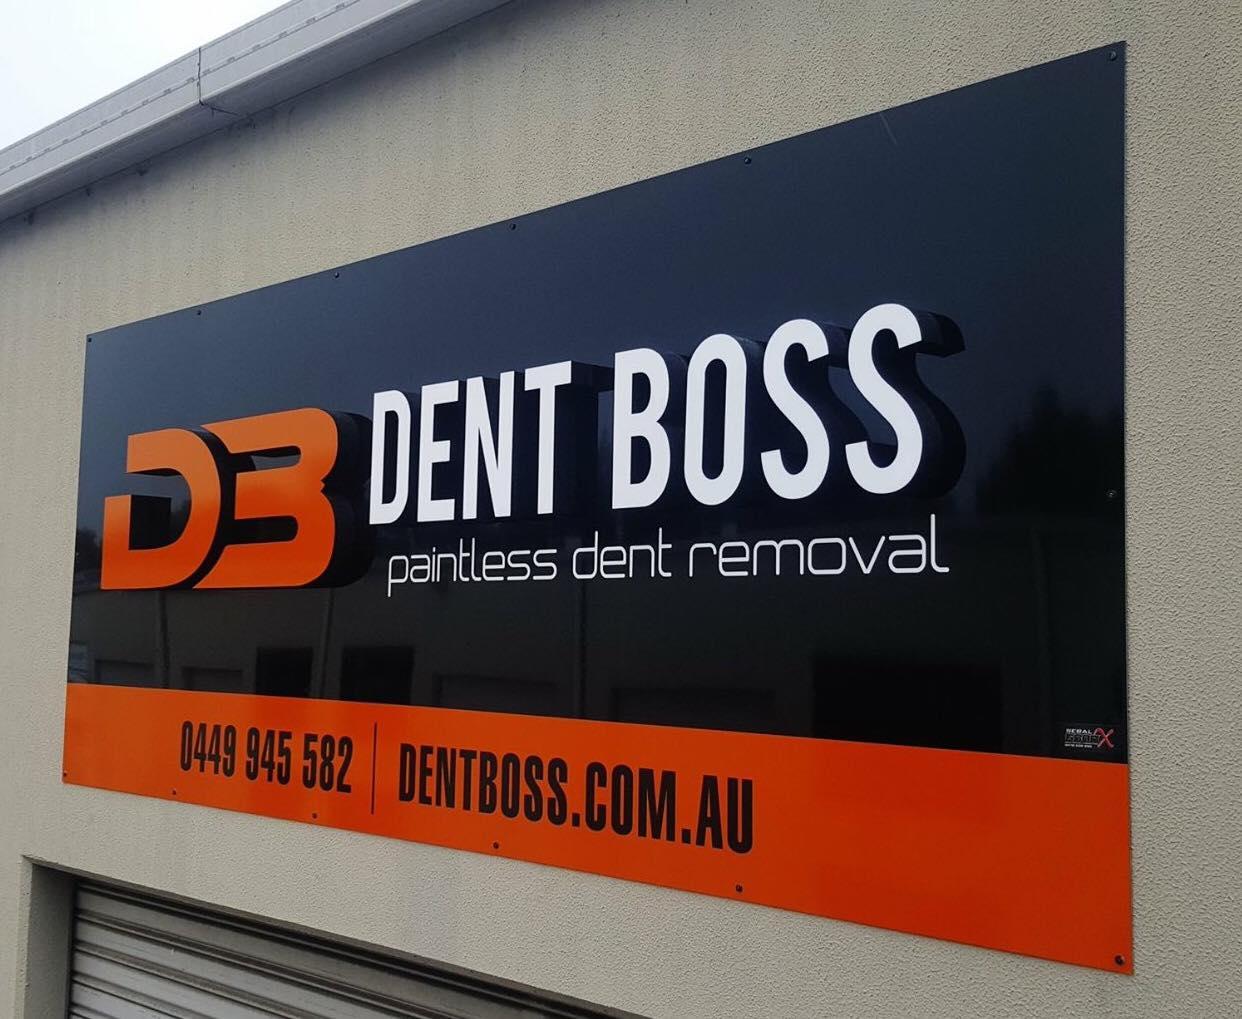 Dent Boss Photos